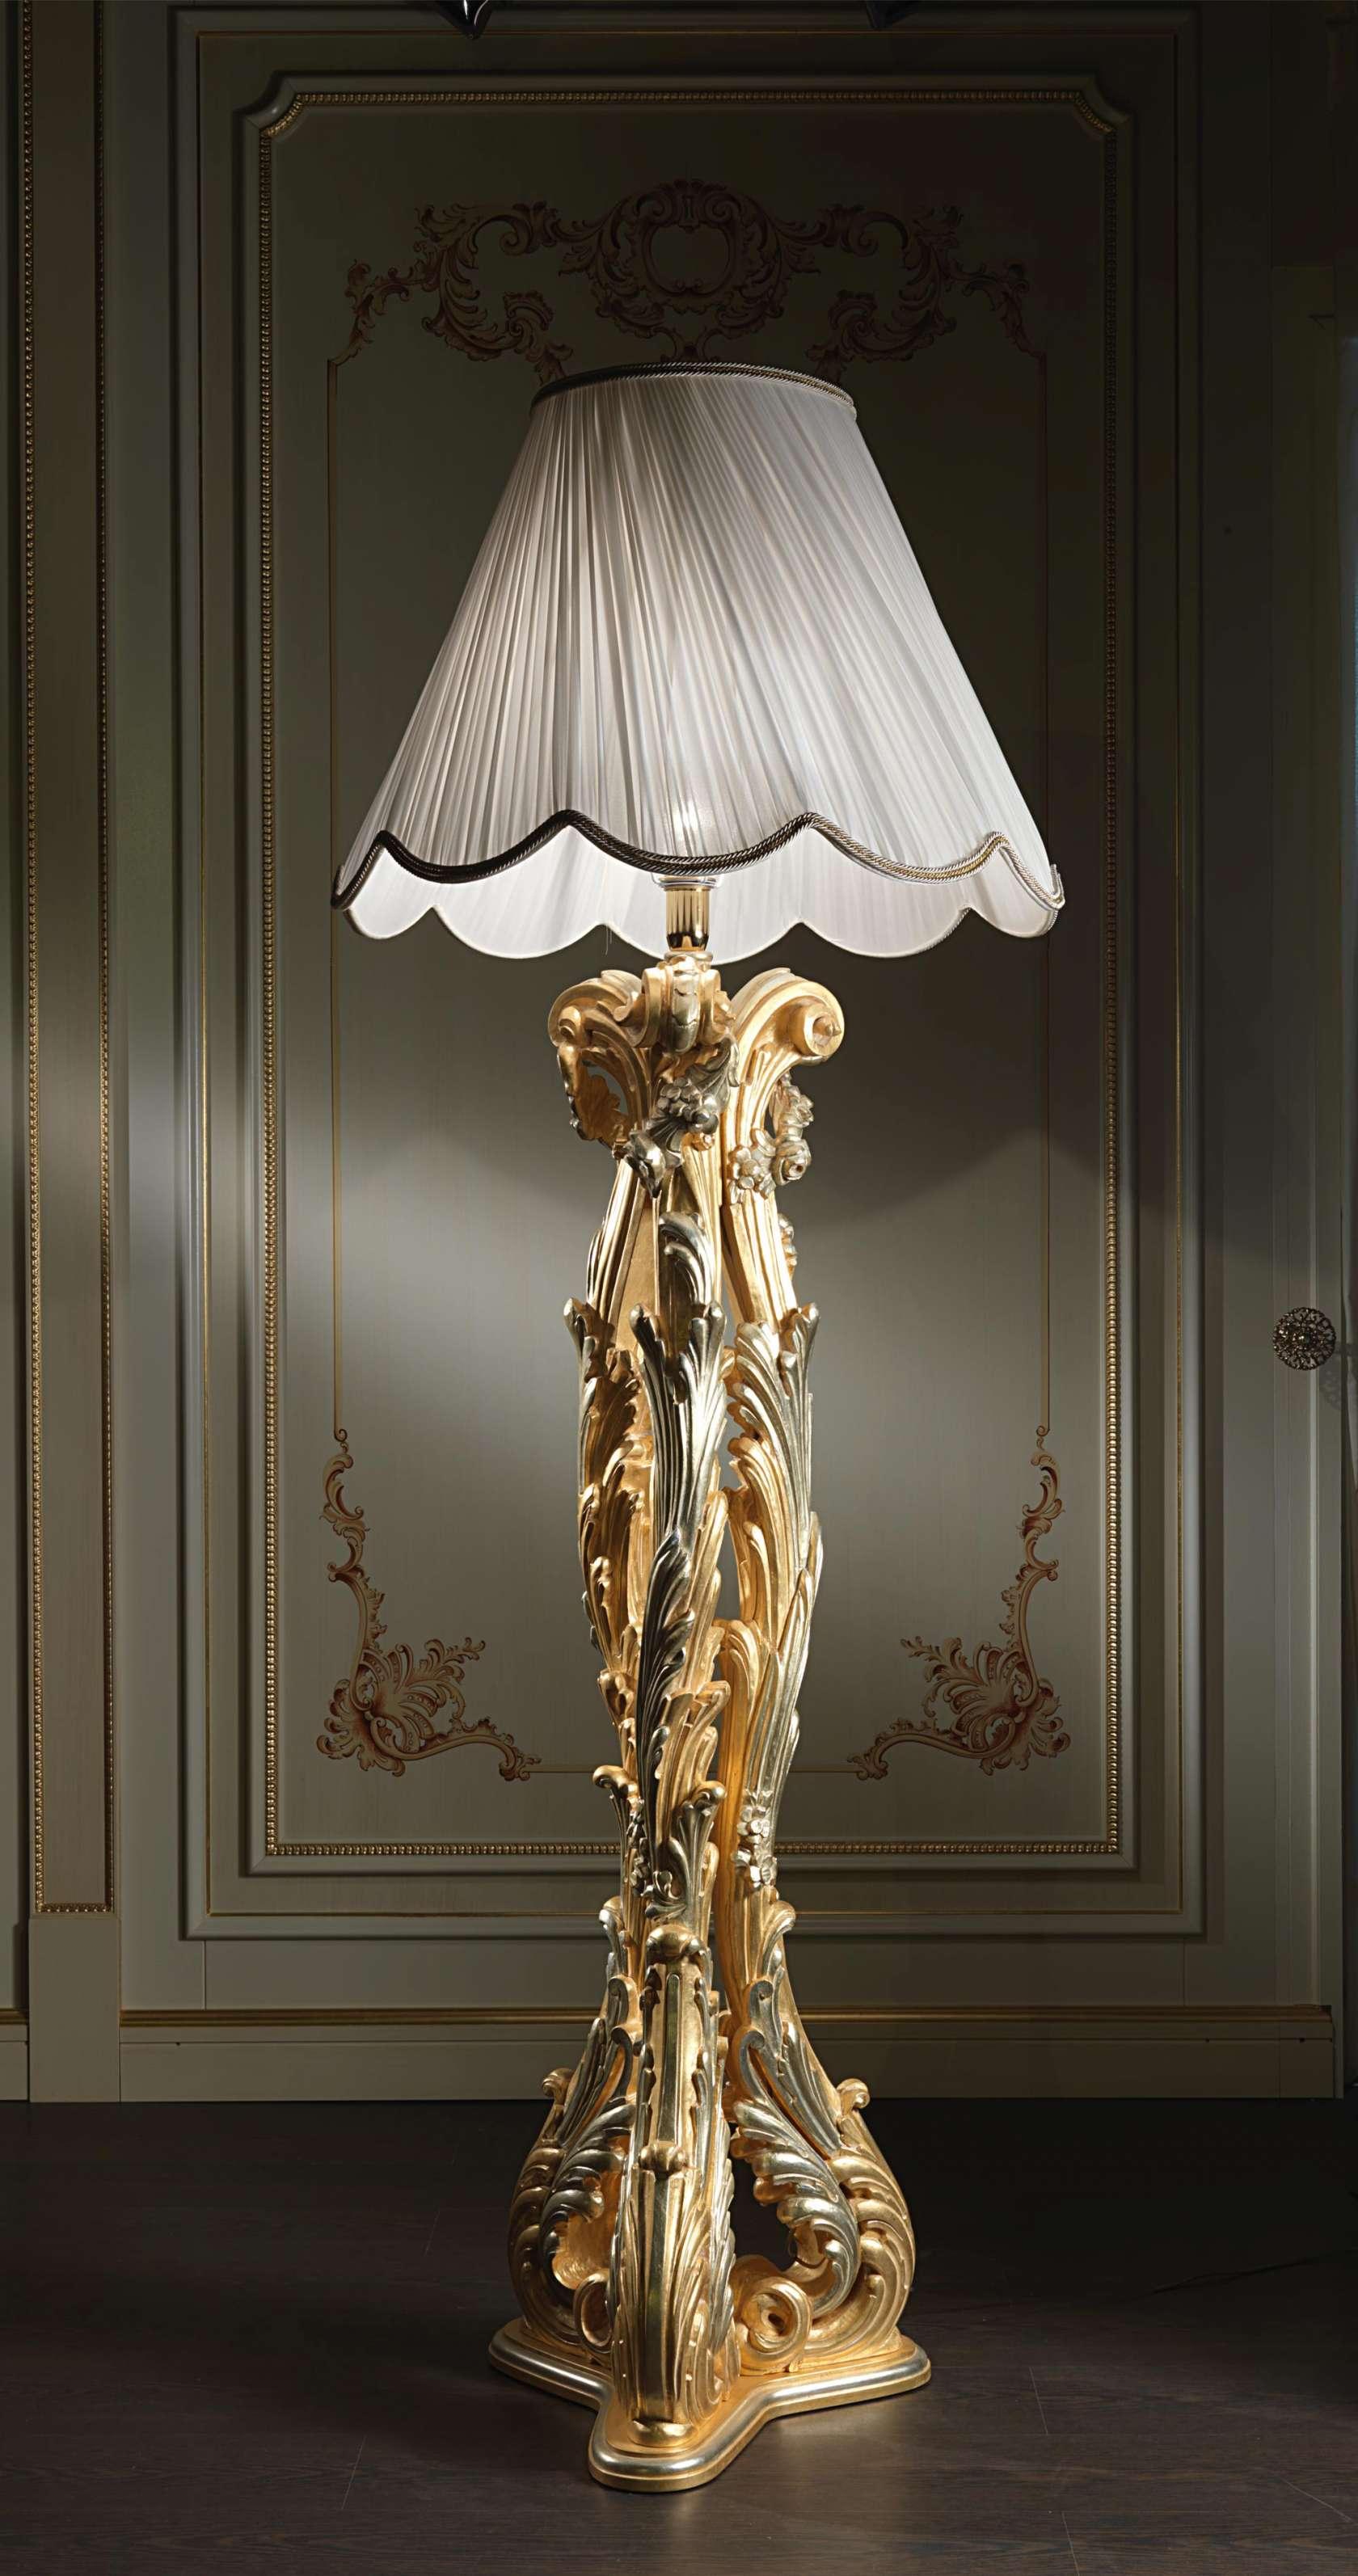 Lampada da terra di lusso stile barocco vimercati meda for Lampade da salotto